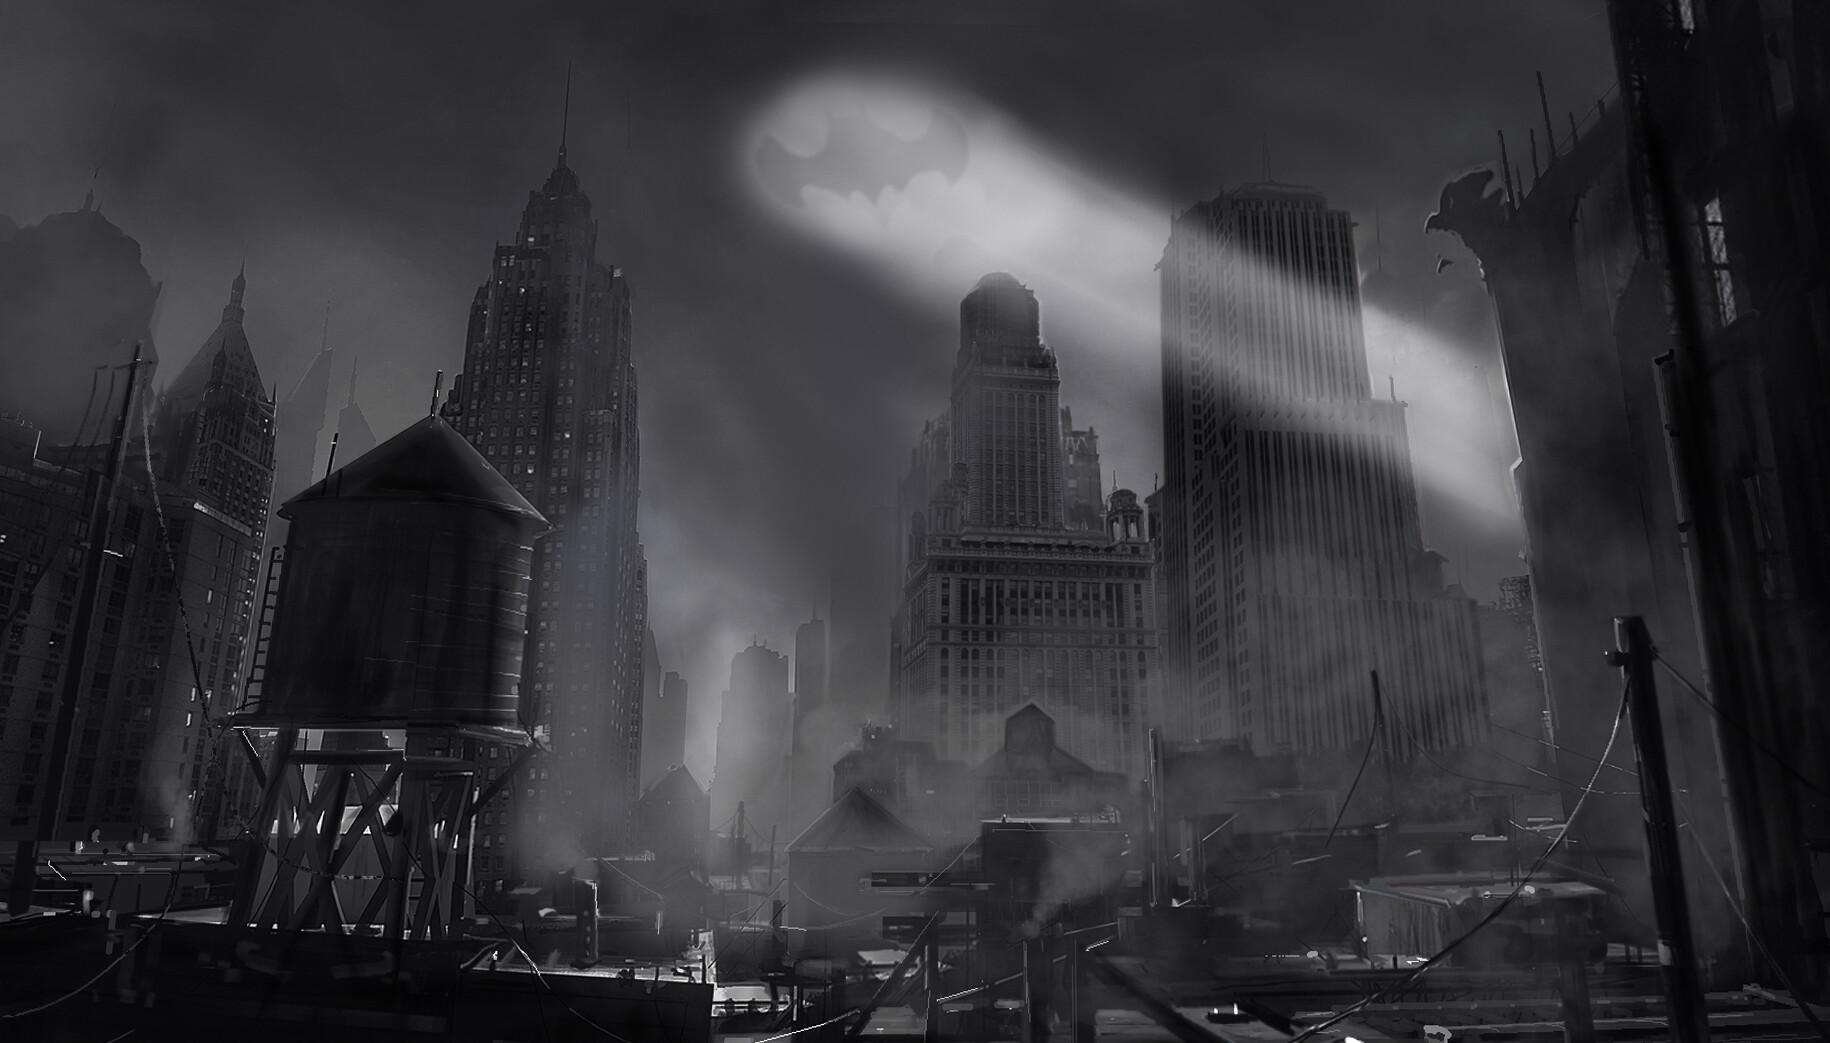 Batman city concept